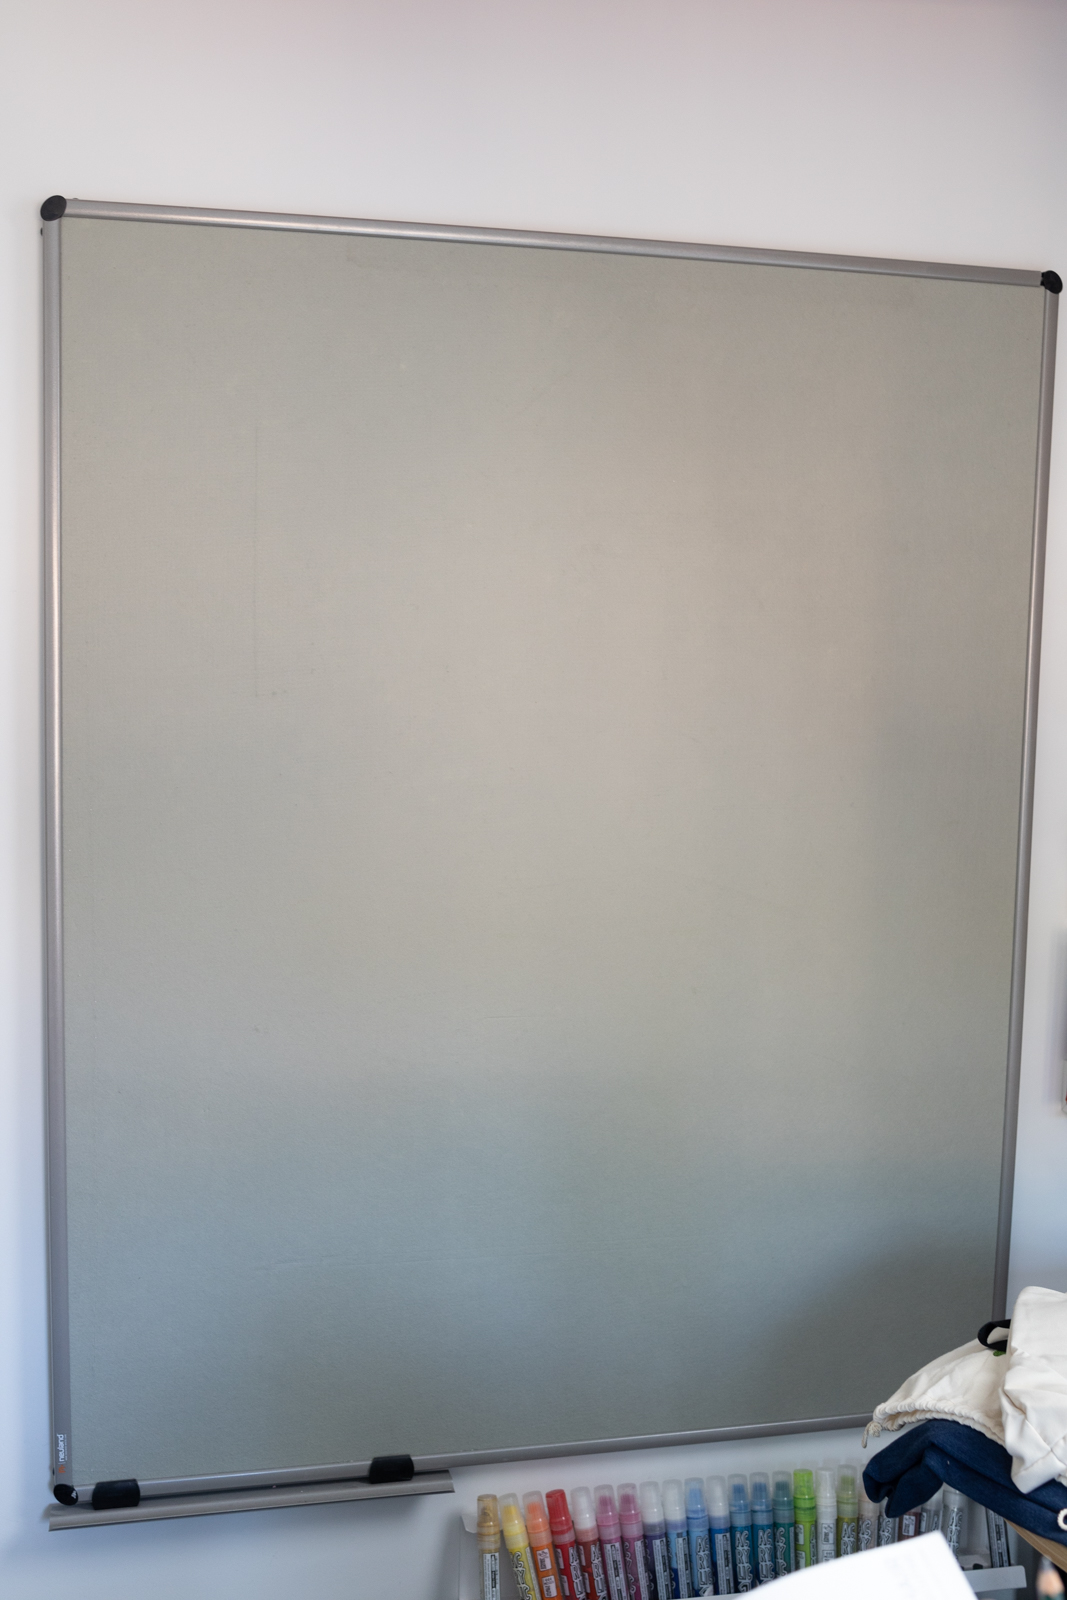 Wandpinwand EuroPin® W von Neuland mit Clip-on Stiftablage